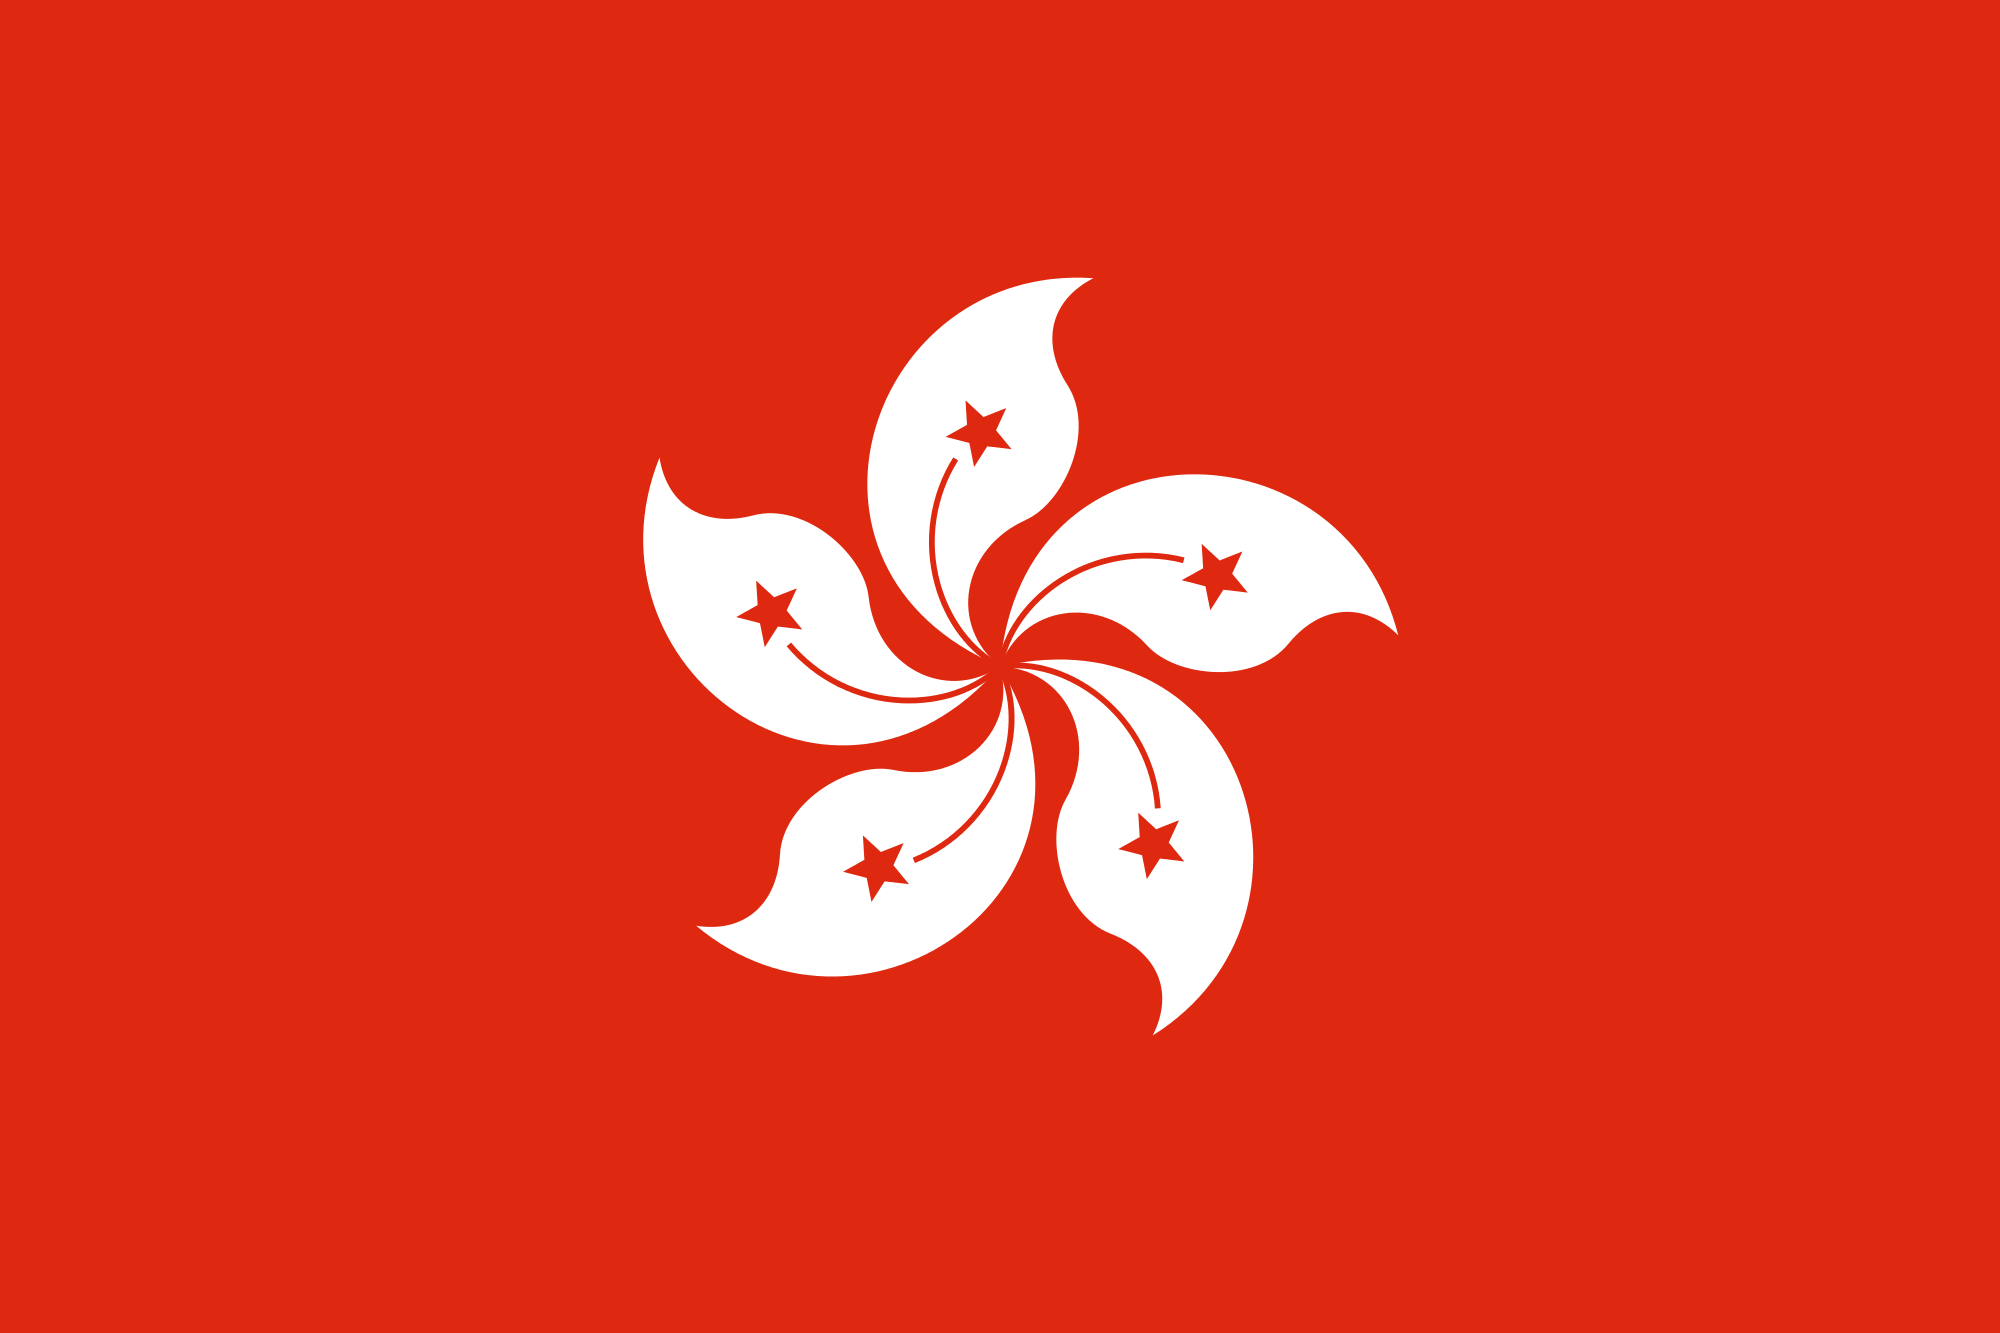 香港, 国家, 会徽, 徽标, 符号 - 高清壁纸 - 教授-falken.com